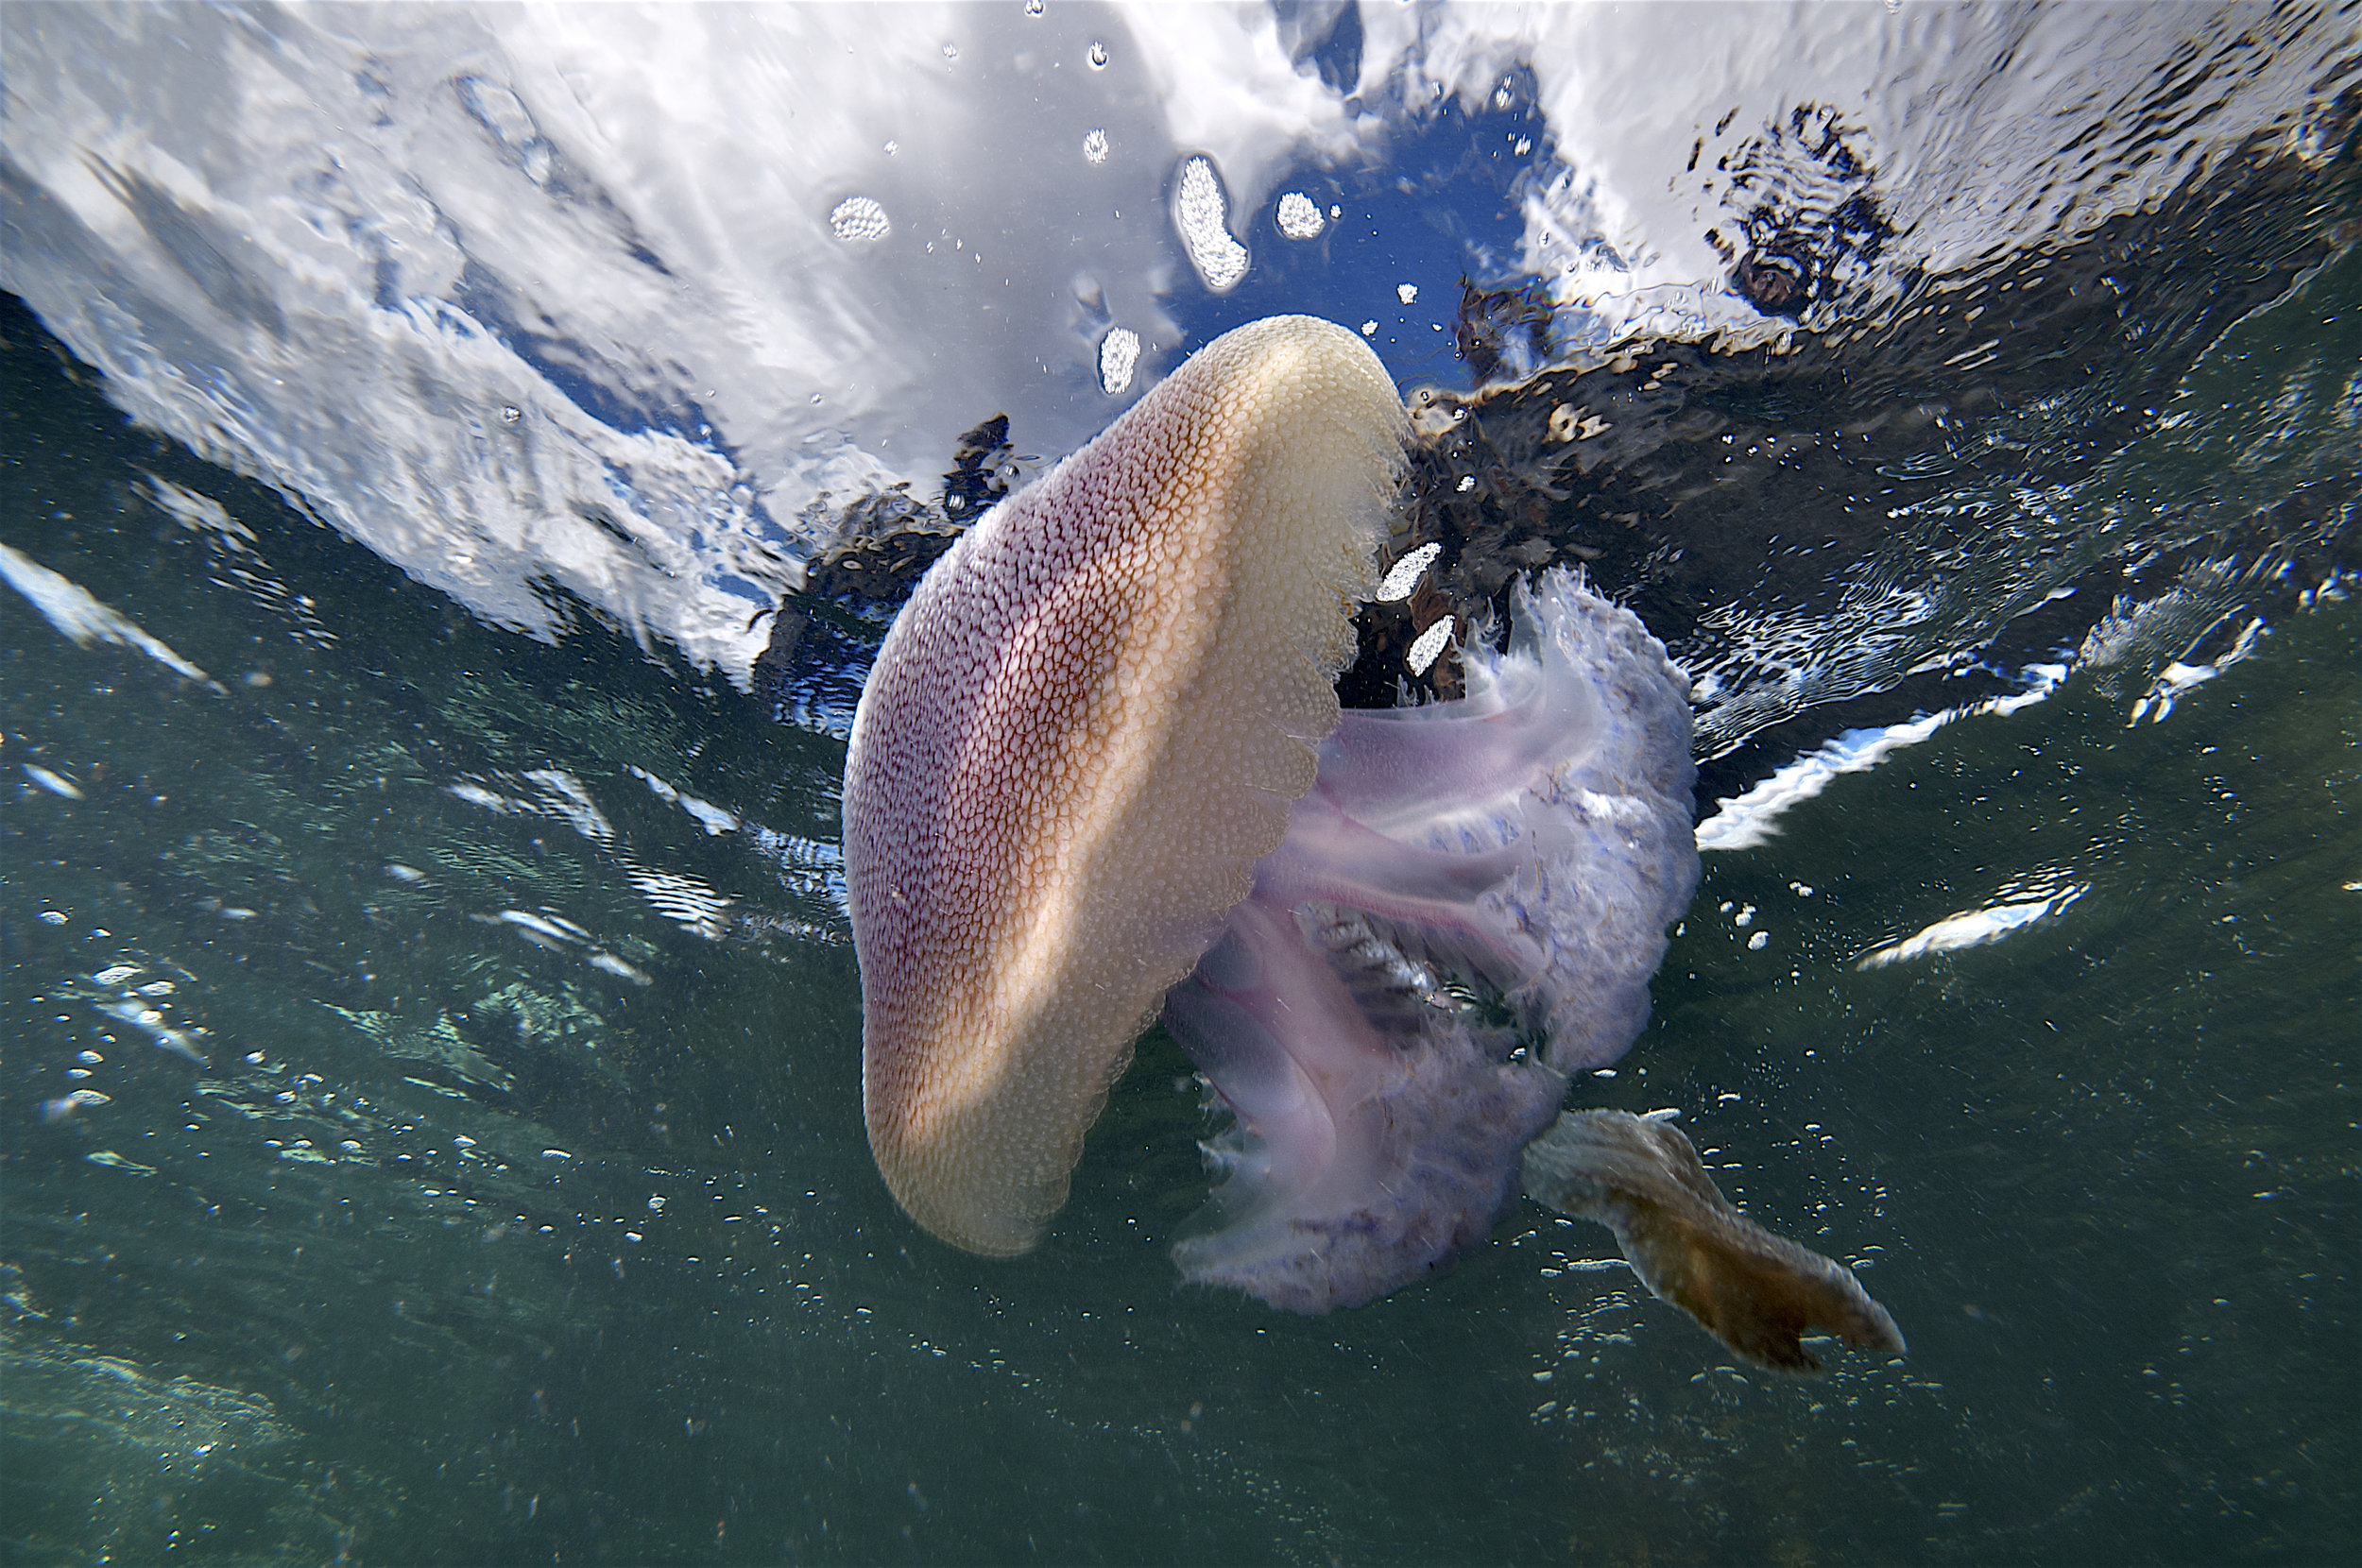 Jelly fish (Pseudorhiza haeckeli)